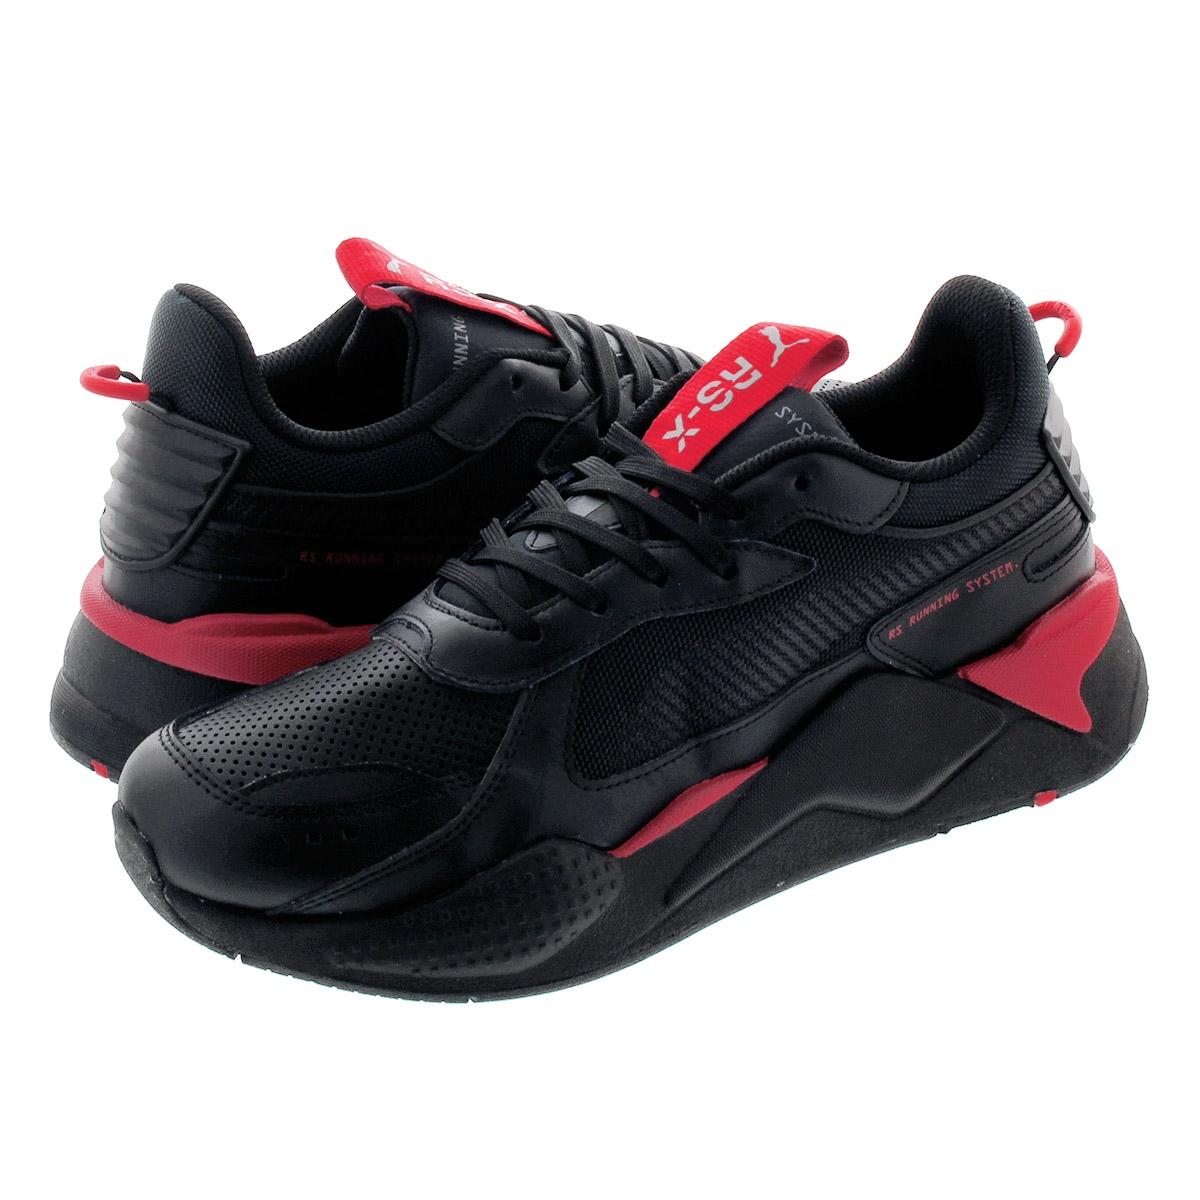 red and black pumas original